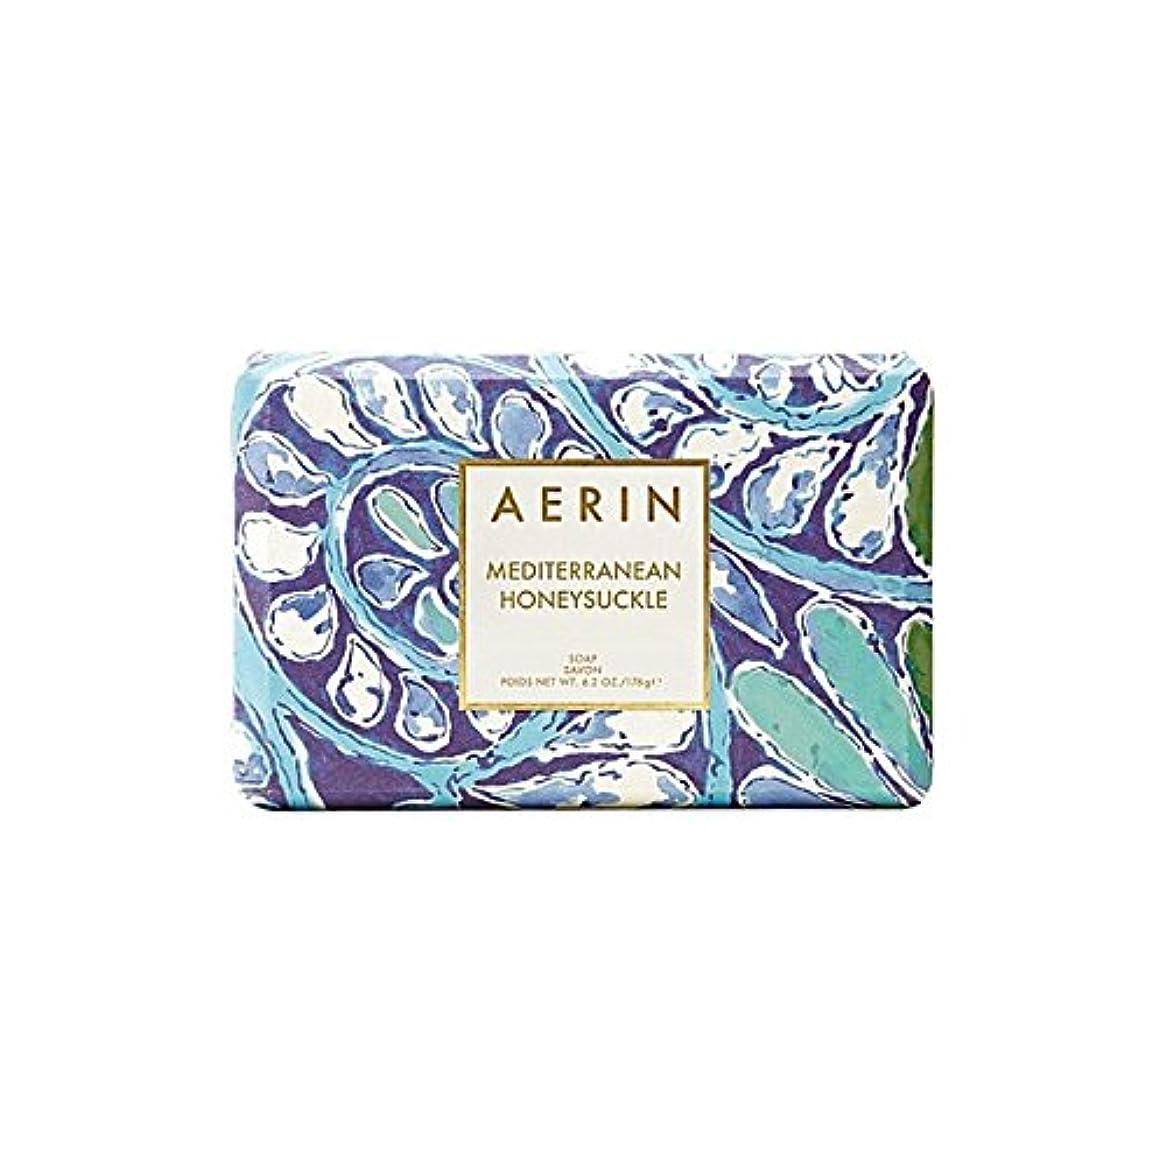 地元ペンス本Aerin Mediterrenean Honeysuckle Bar Soap 176G - スイカズラ固形石鹸176グラム [並行輸入品]